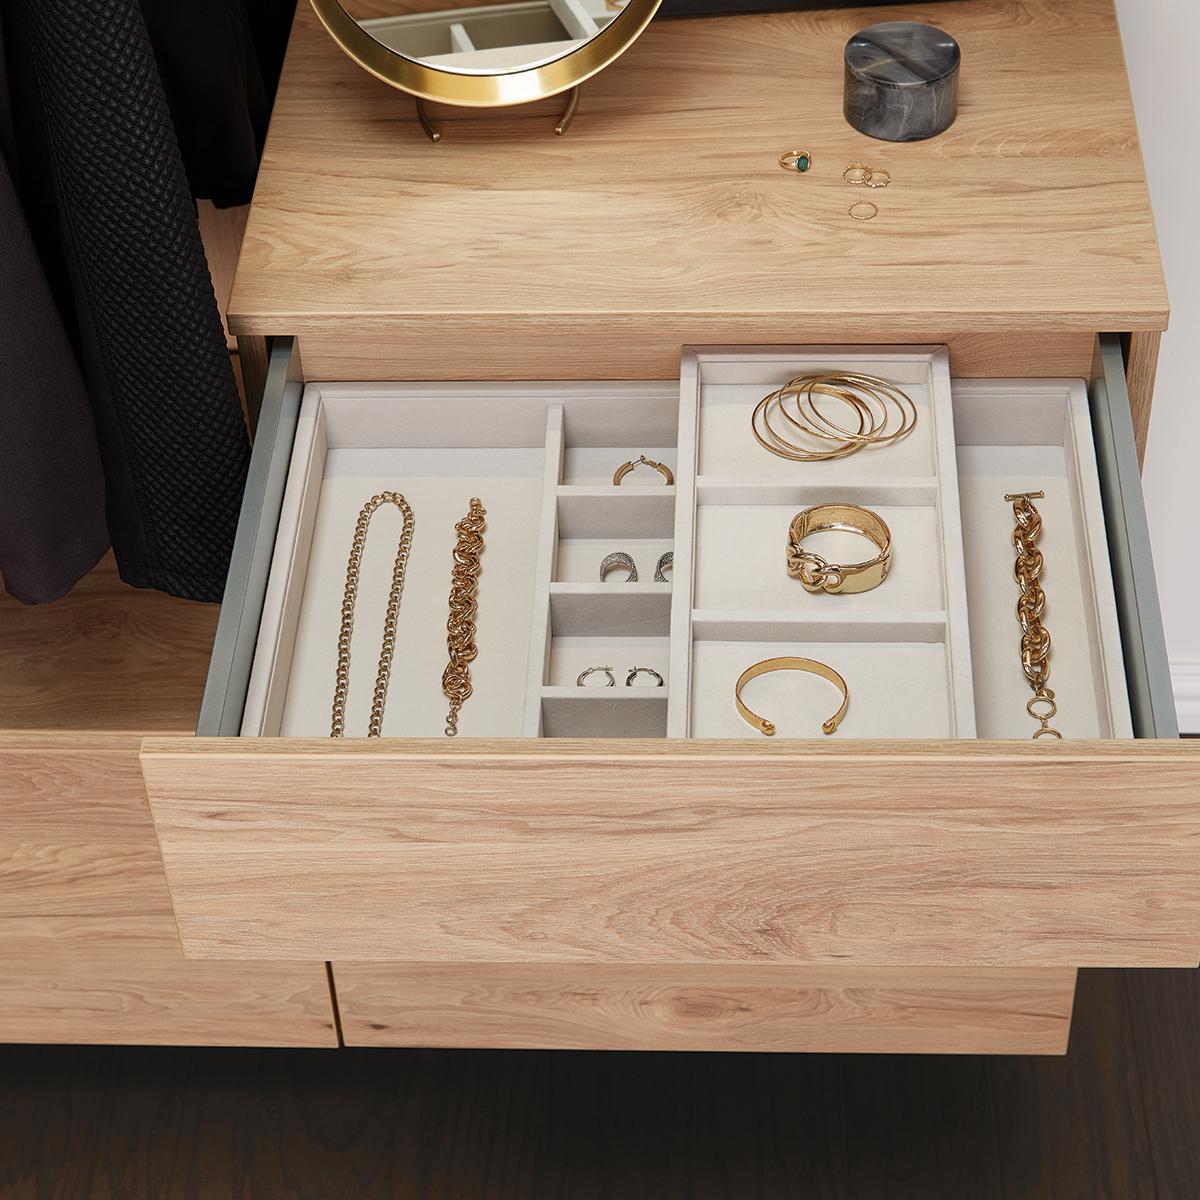 Avera Jewelry Organizer Trays